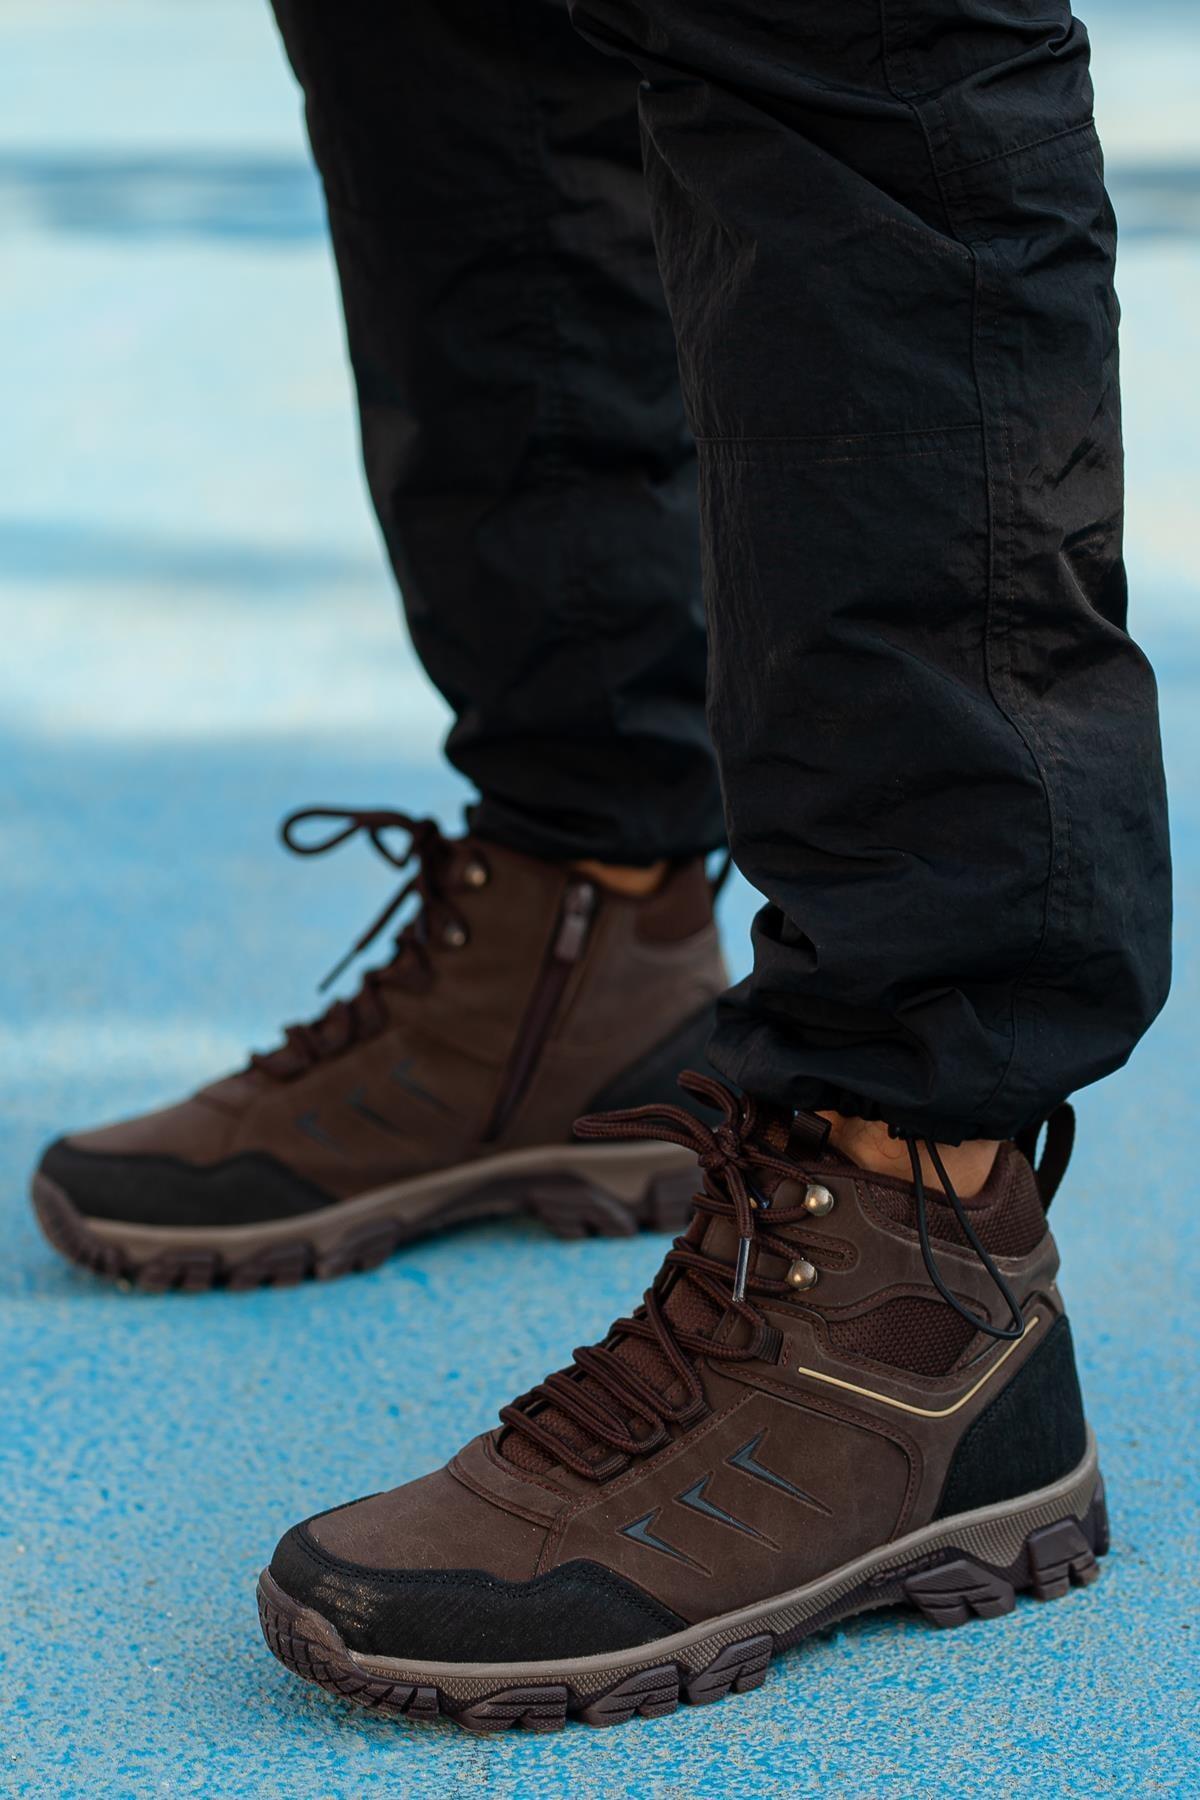 Muggo Kahverengi Unisex Outdoor Ayakkabı DPRMGFRZ2034